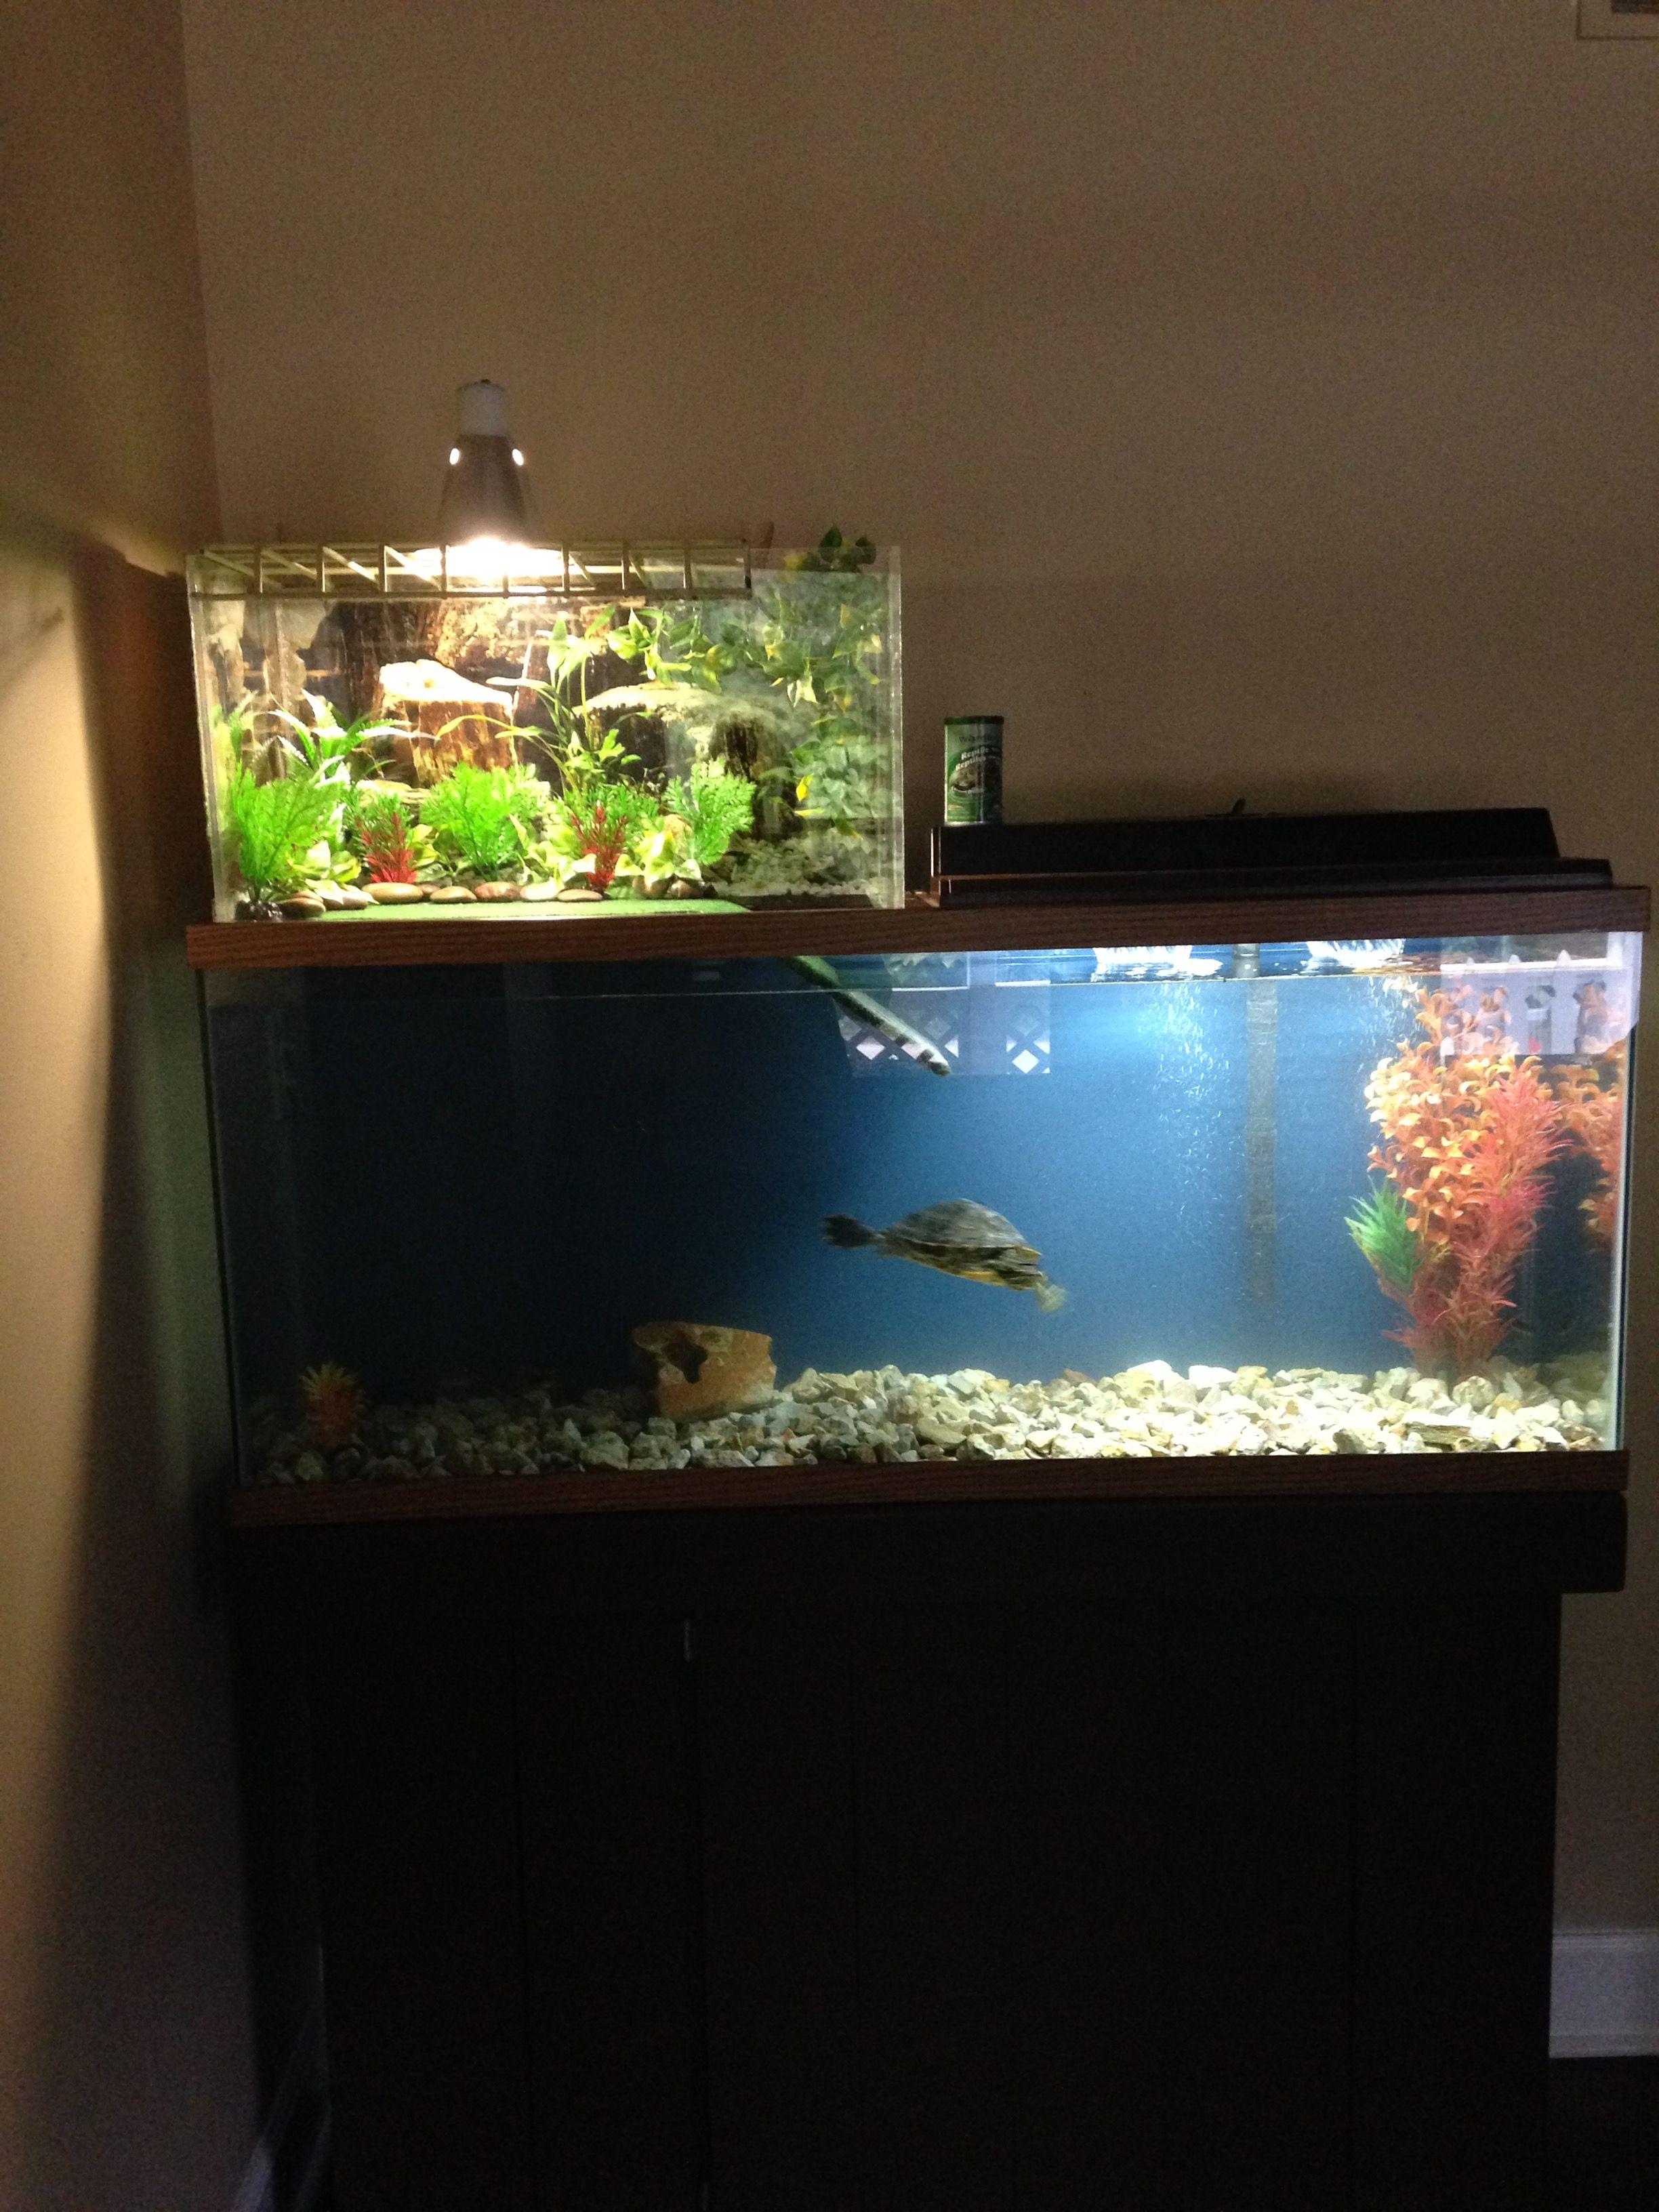 3309a692e75b9b09da009f0e0ae8beef Incroyable De Aquarium Deco Des Idées